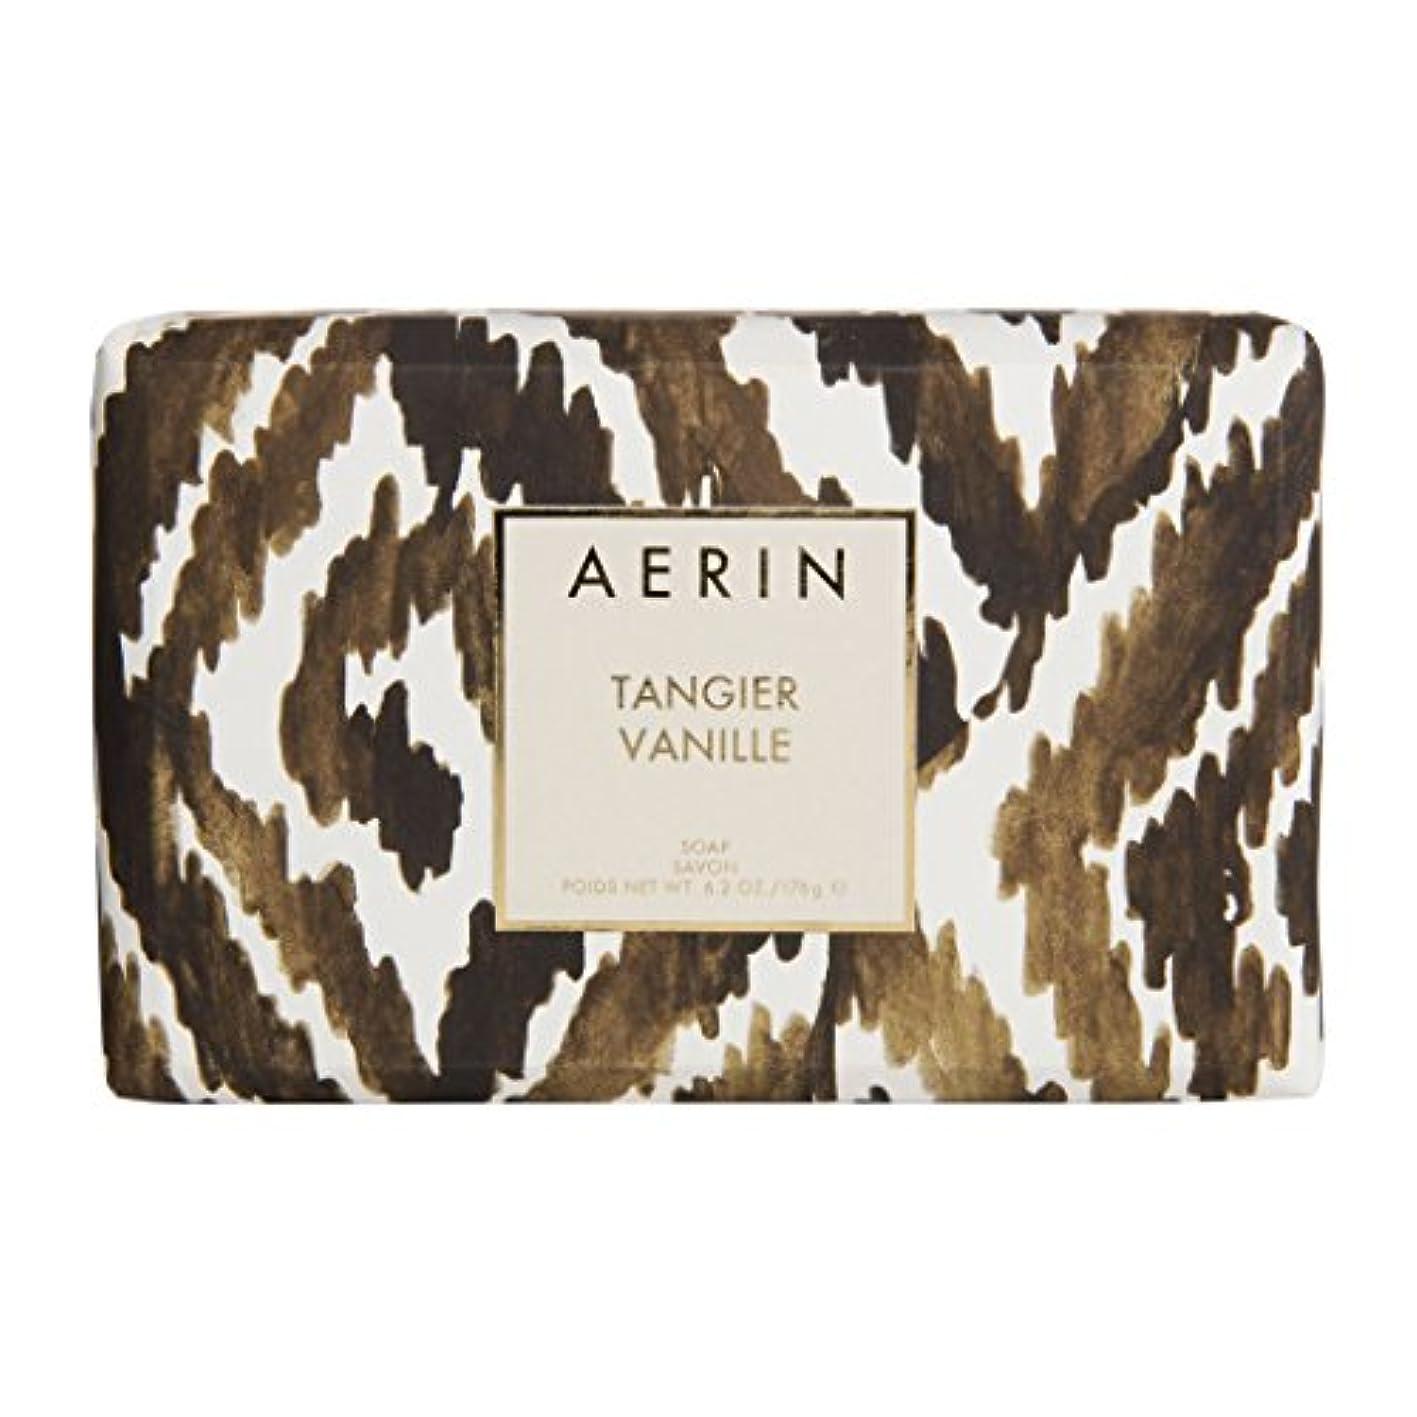 農奴評価可能ベテランAERIN Tangier Vanille (アエリン タンジヤー バニール) 6.2 oz (186ml) Soap 固形石鹸 by Estee Lauder for Women